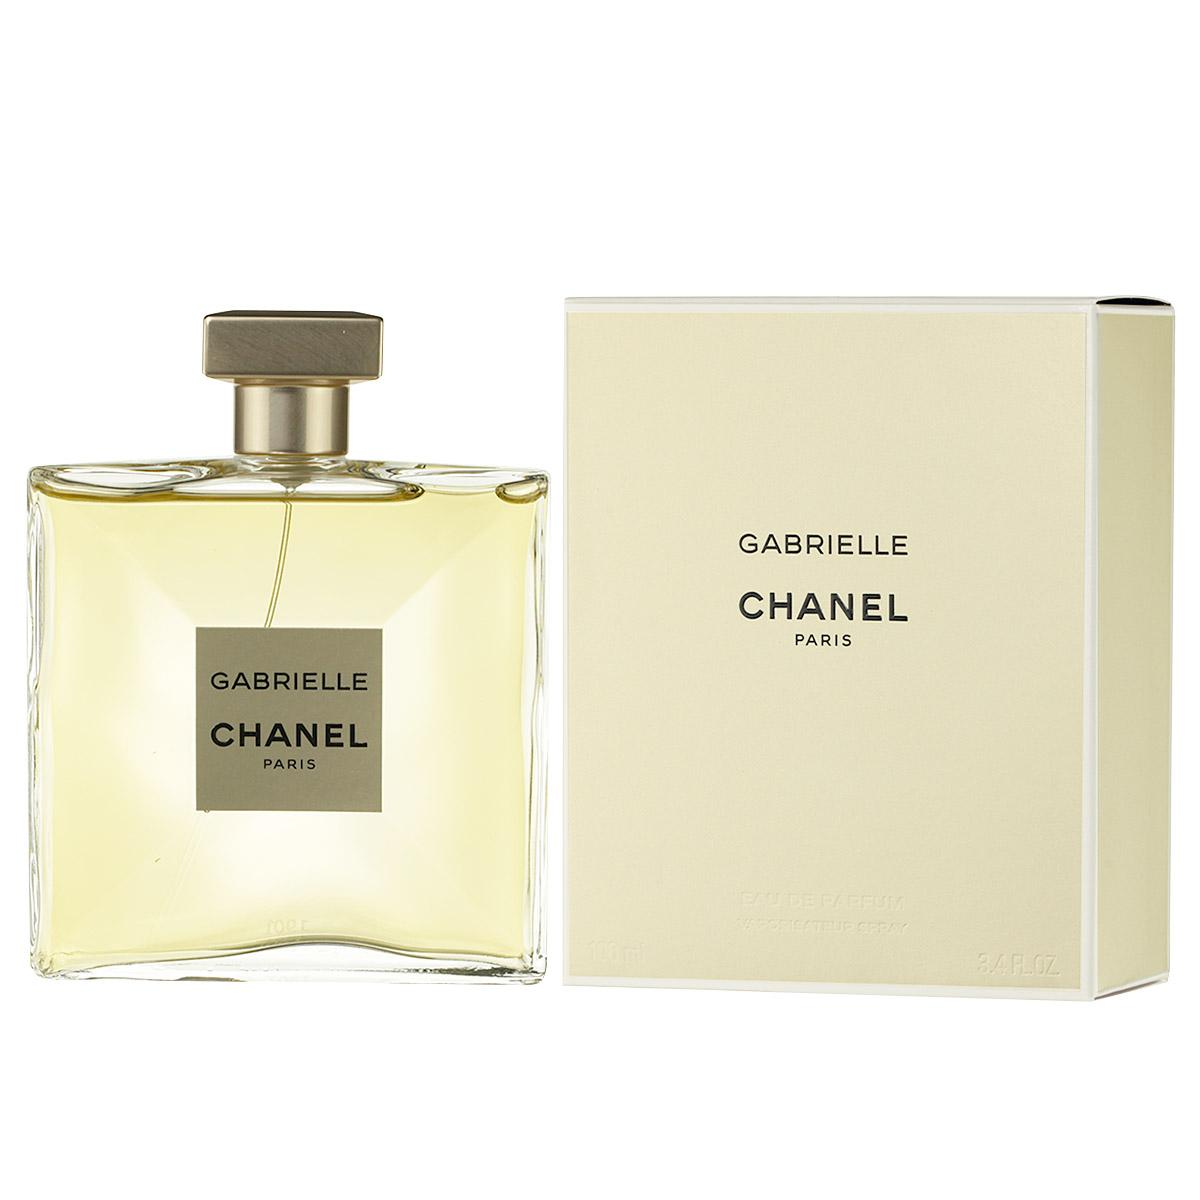 Chanel Gabrielle Eau De Parfum 100 ml (woman) 91749